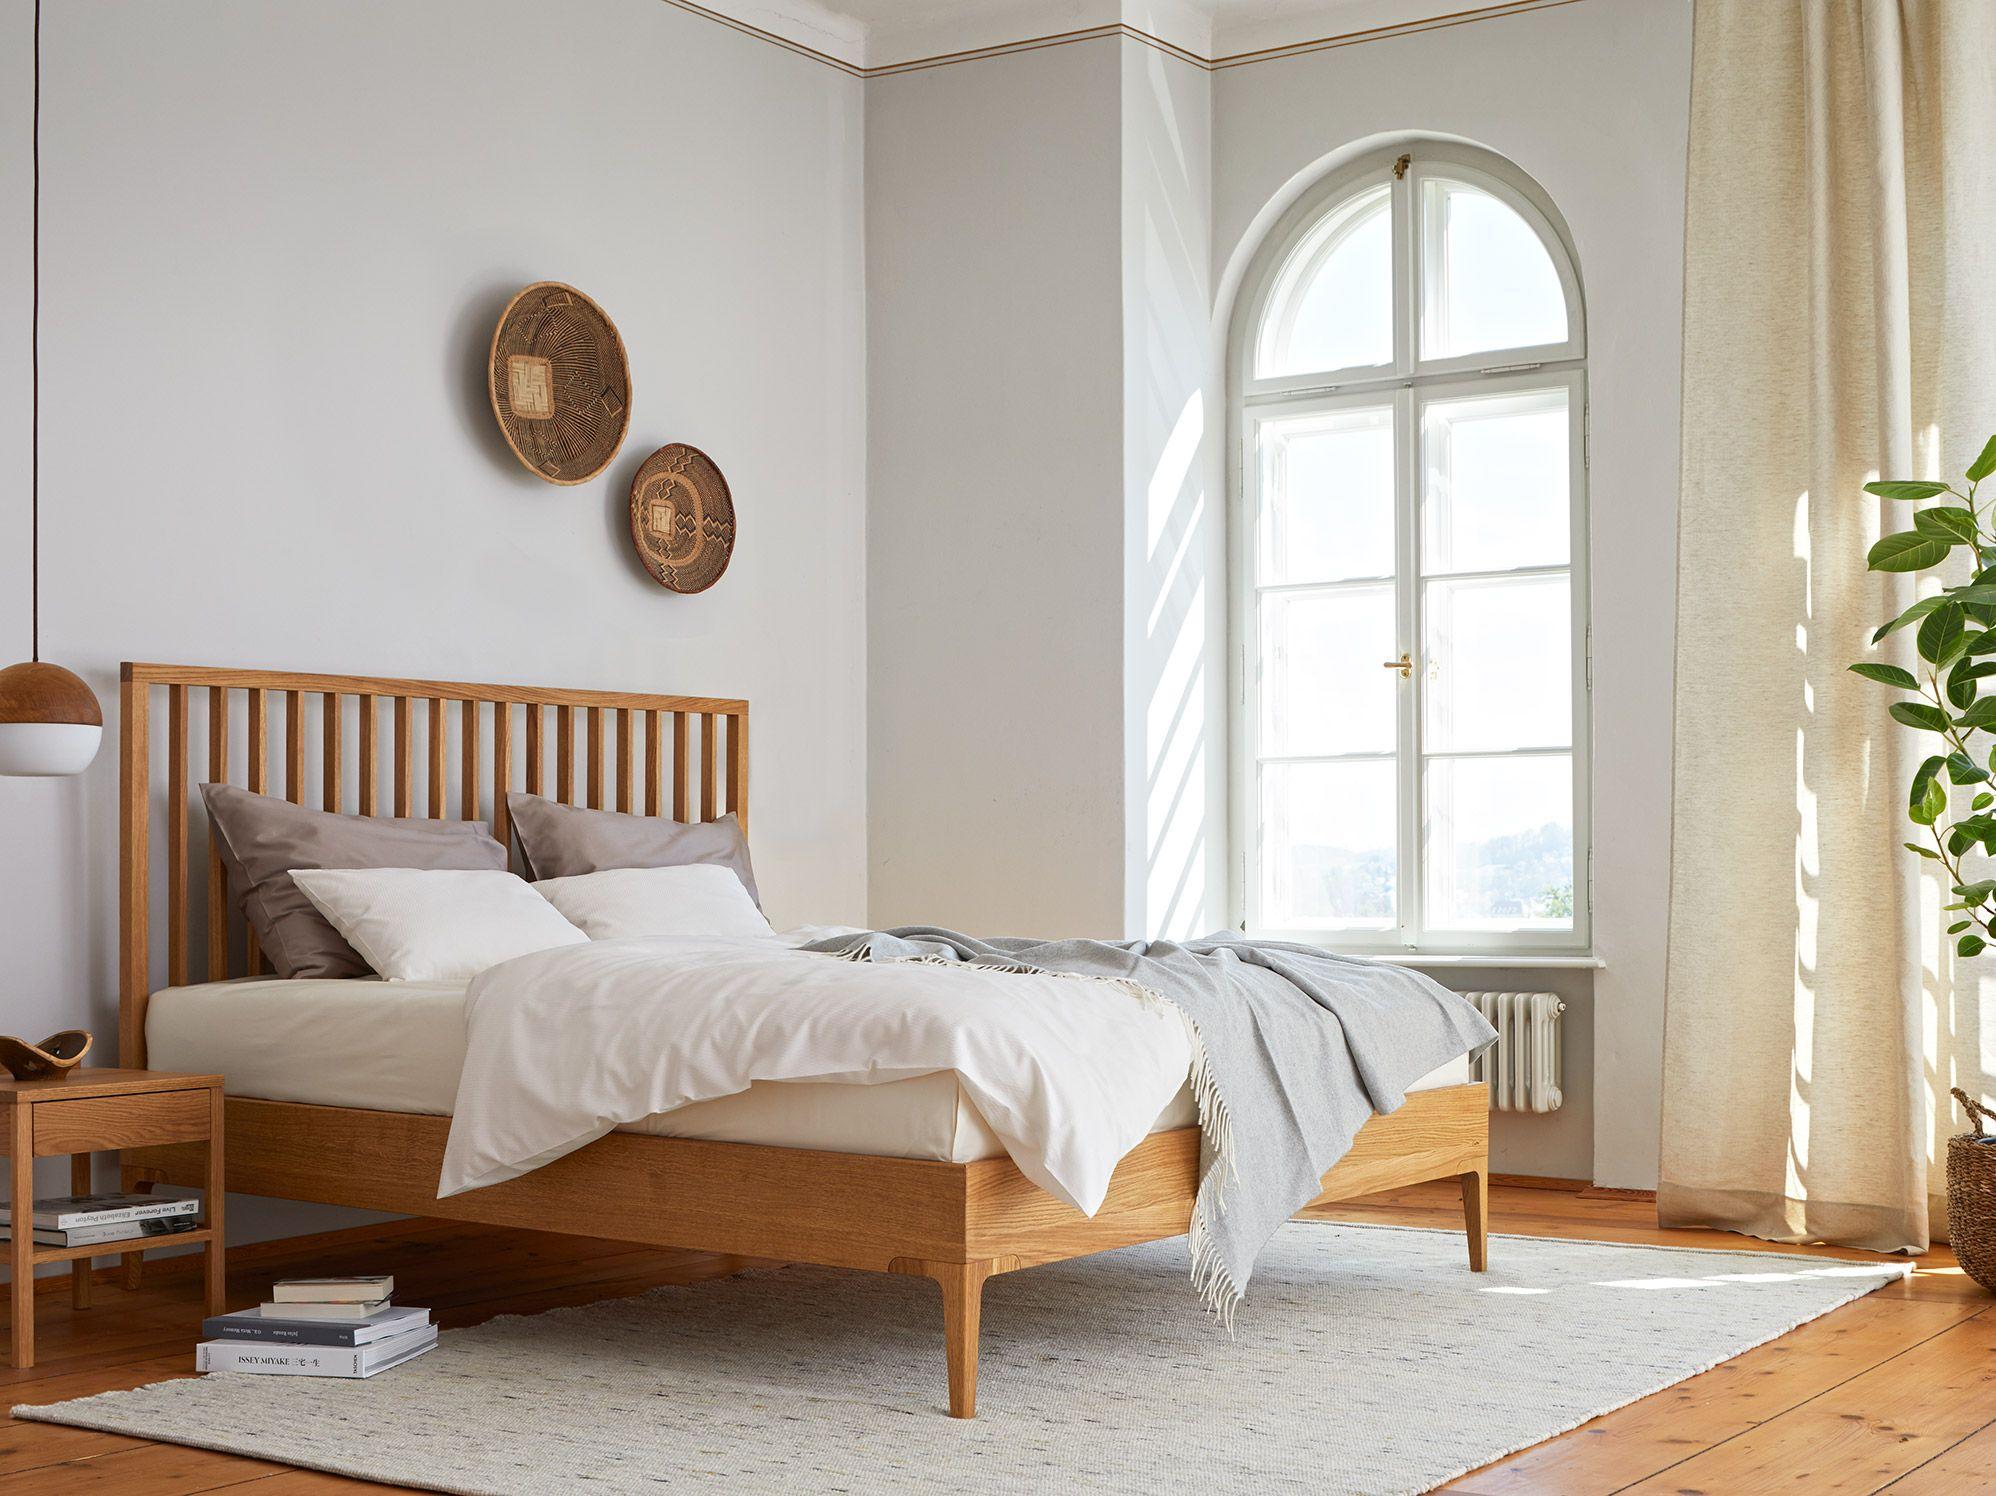 Bett Altro, Sprossenbetthaupt Wohnen, Schlafzimmer ideen